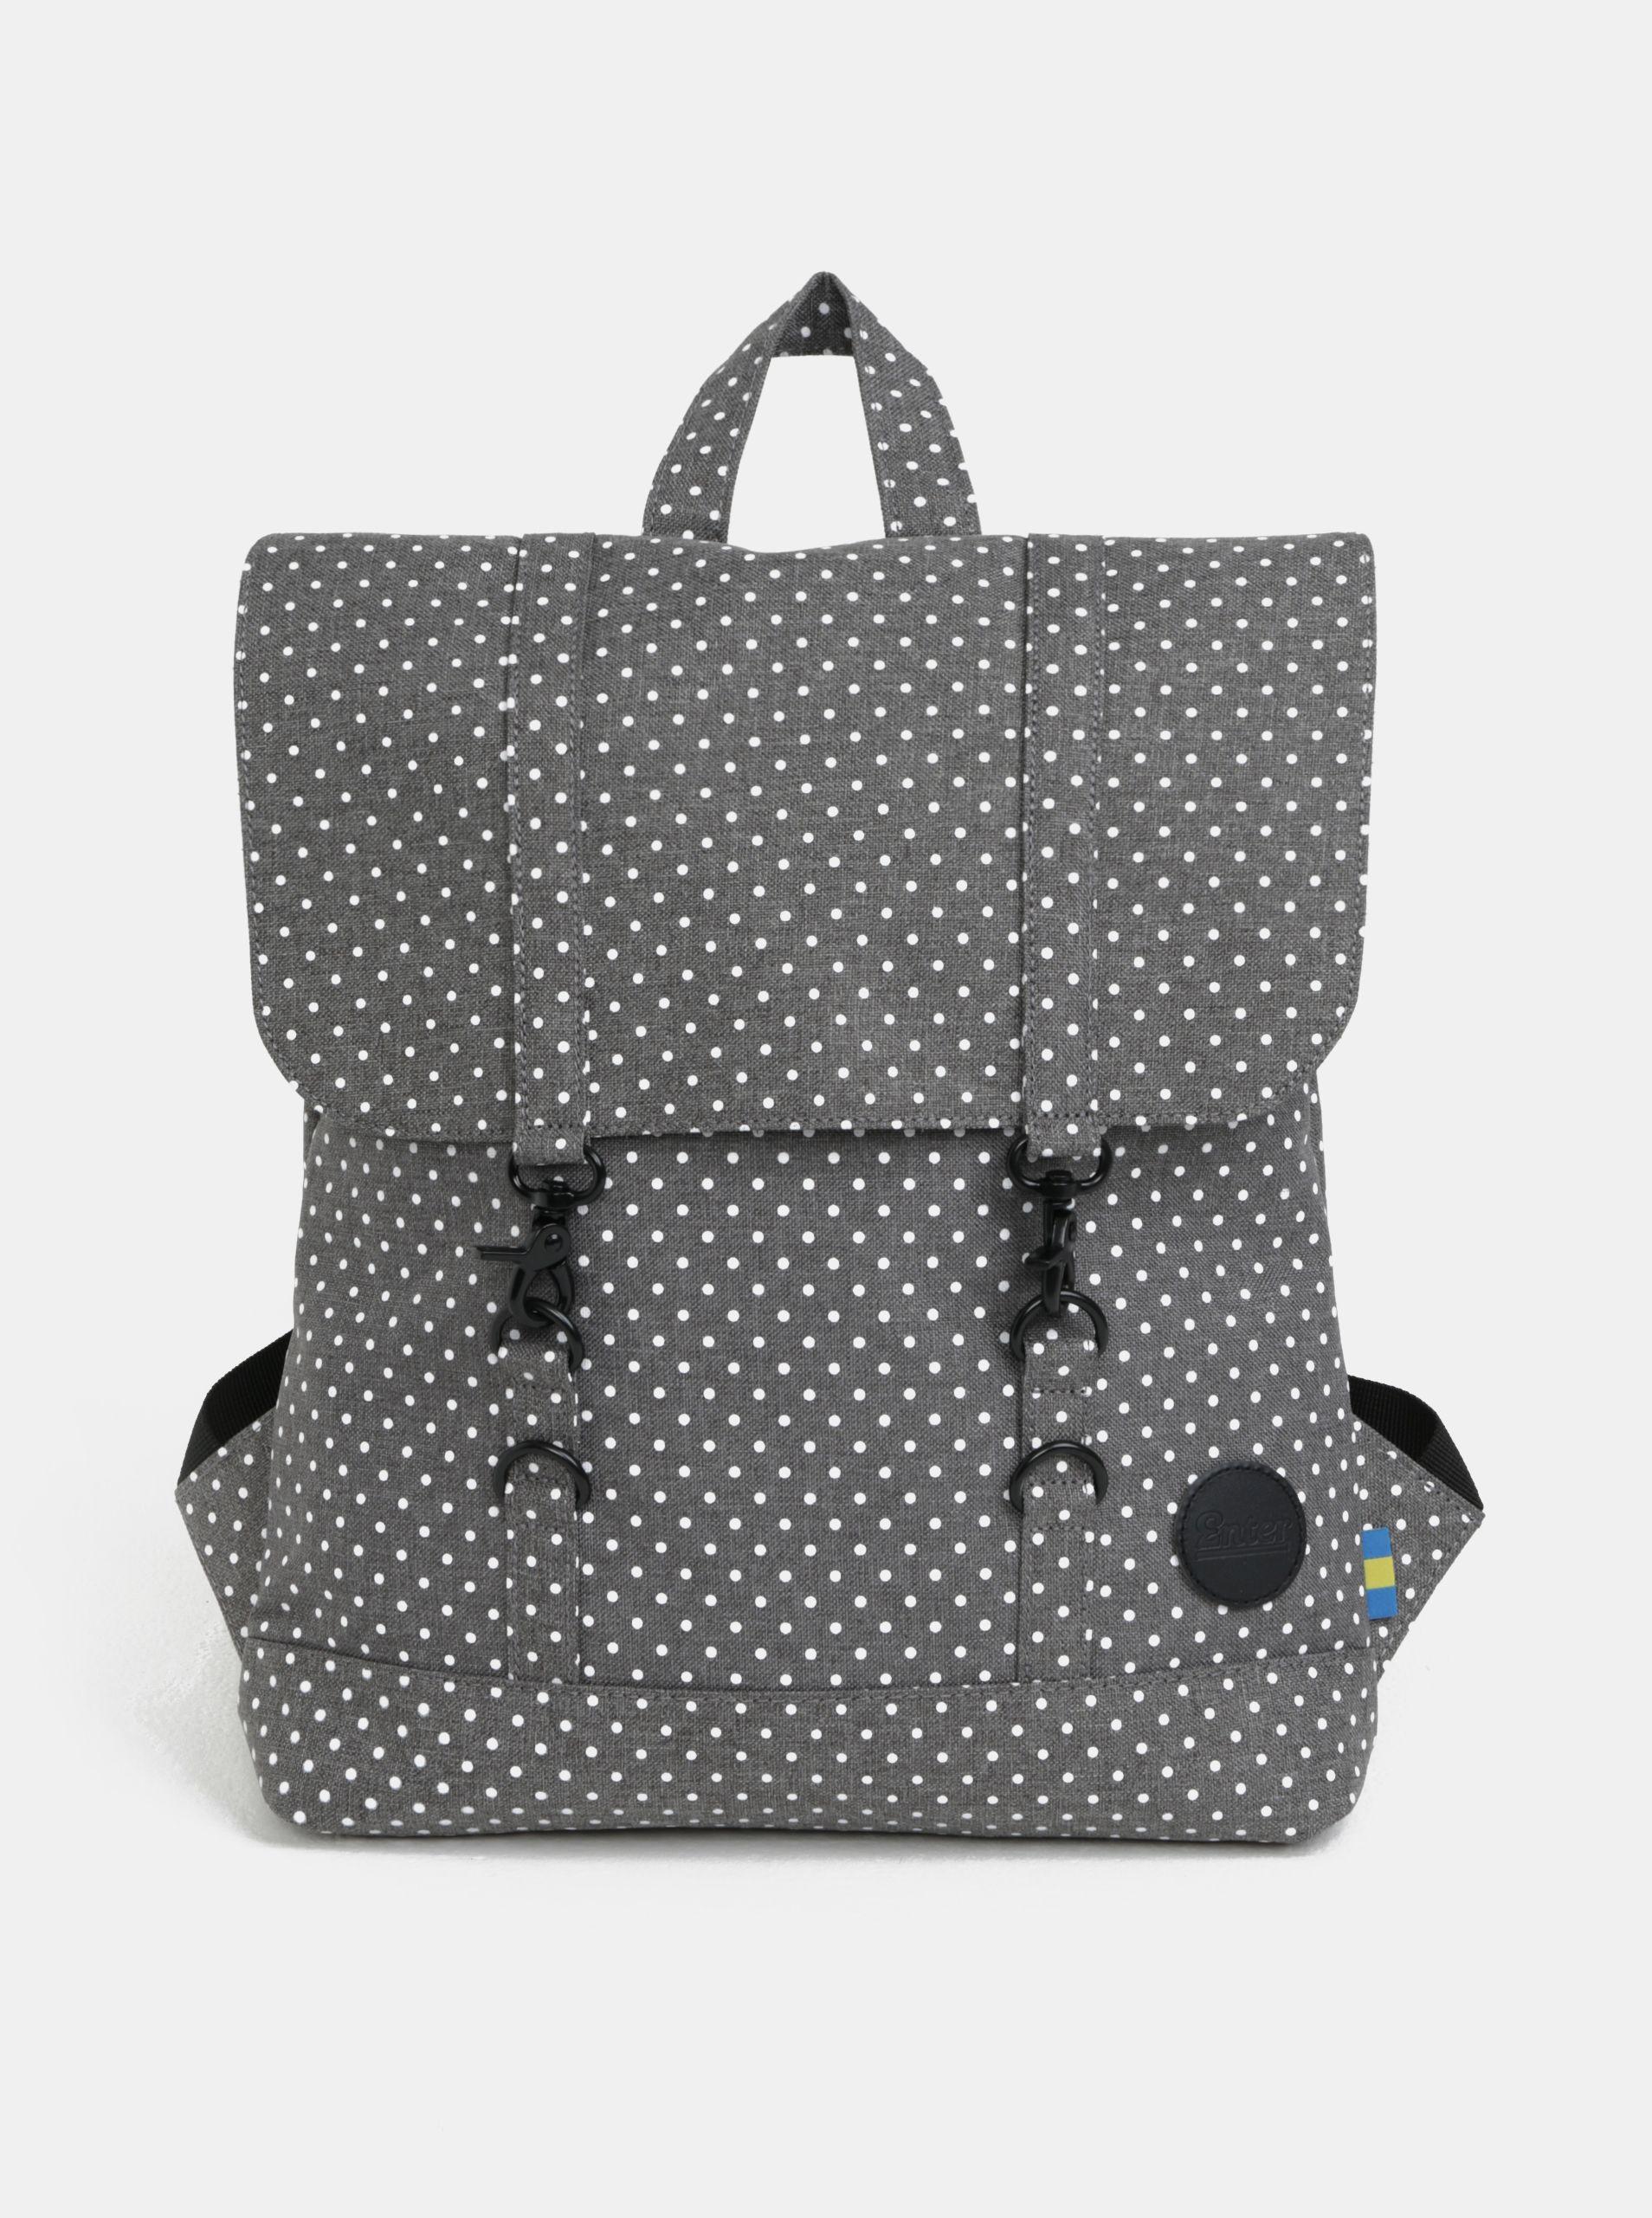 c5367a32a9 Typ  dámský městský batoh s klopou Barva  šedá